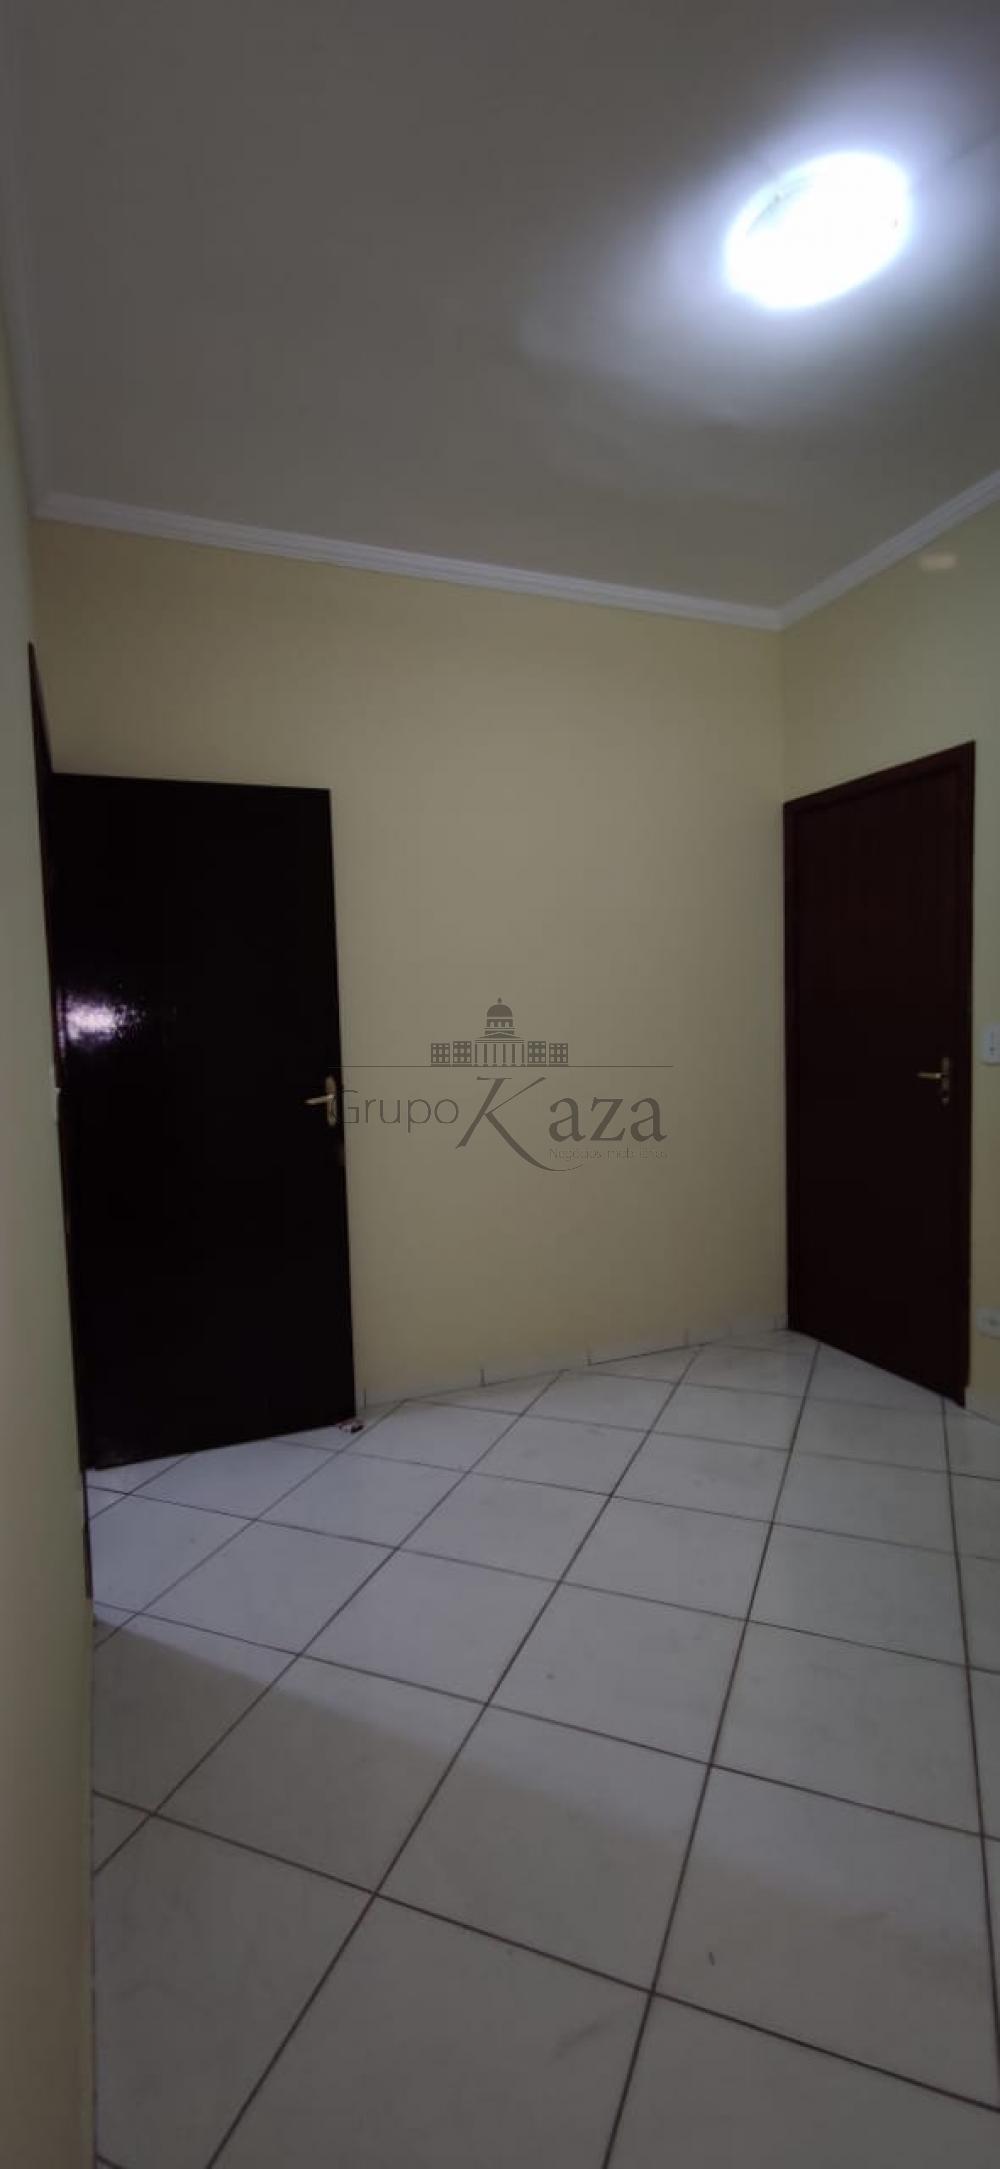 alt='Comprar Casa / Sobrado em São José dos Campos R$ 430.000,00 - Foto 18' title='Comprar Casa / Sobrado em São José dos Campos R$ 430.000,00 - Foto 18'